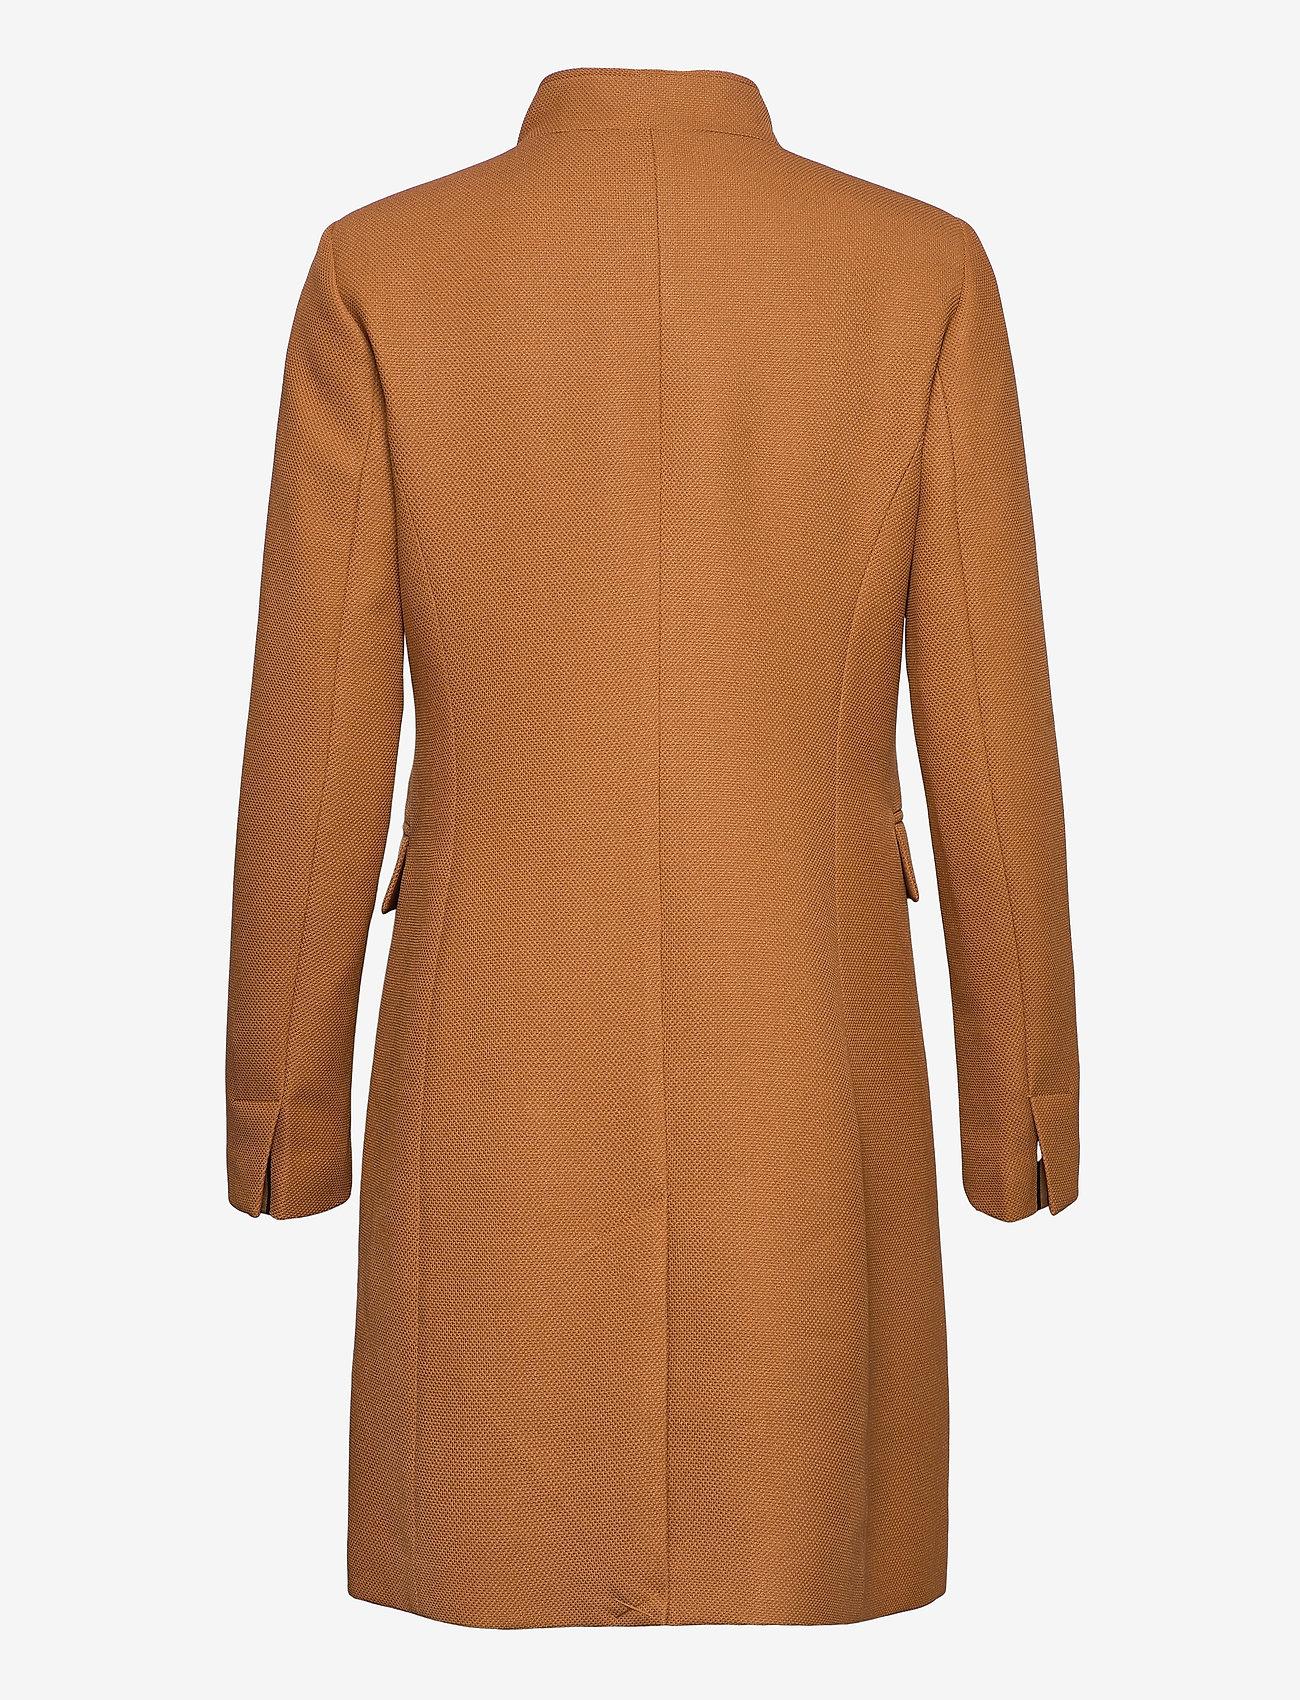 Esprit Casual - Coats woven - manteaux legères - camel - 1